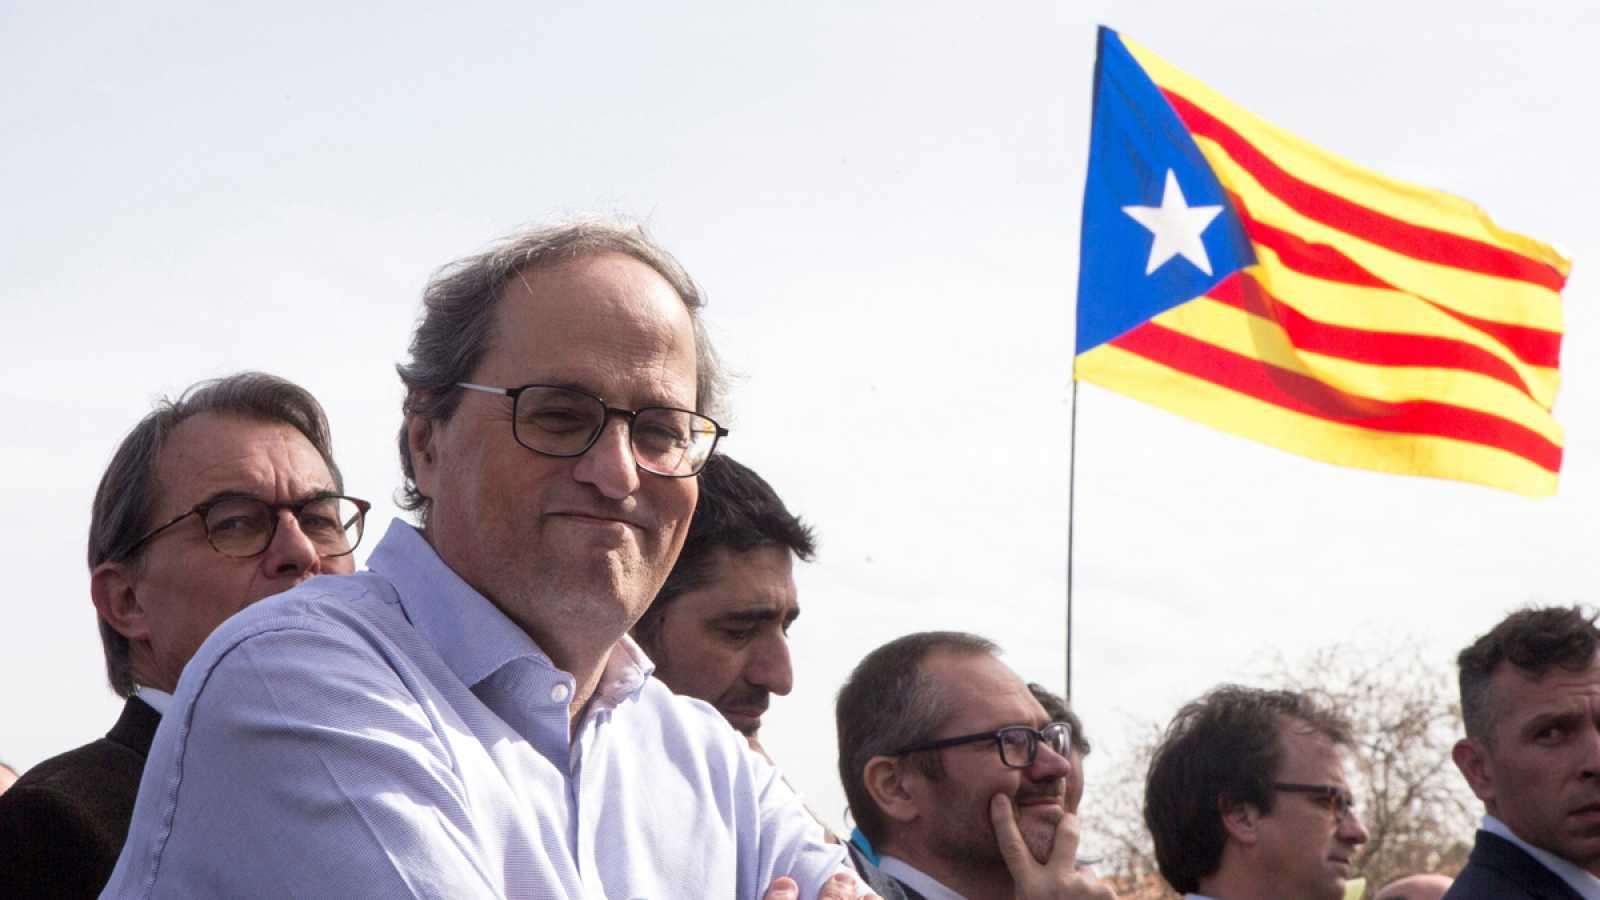 El presidente de la Generalitat, Quim Torra, durante un acto político